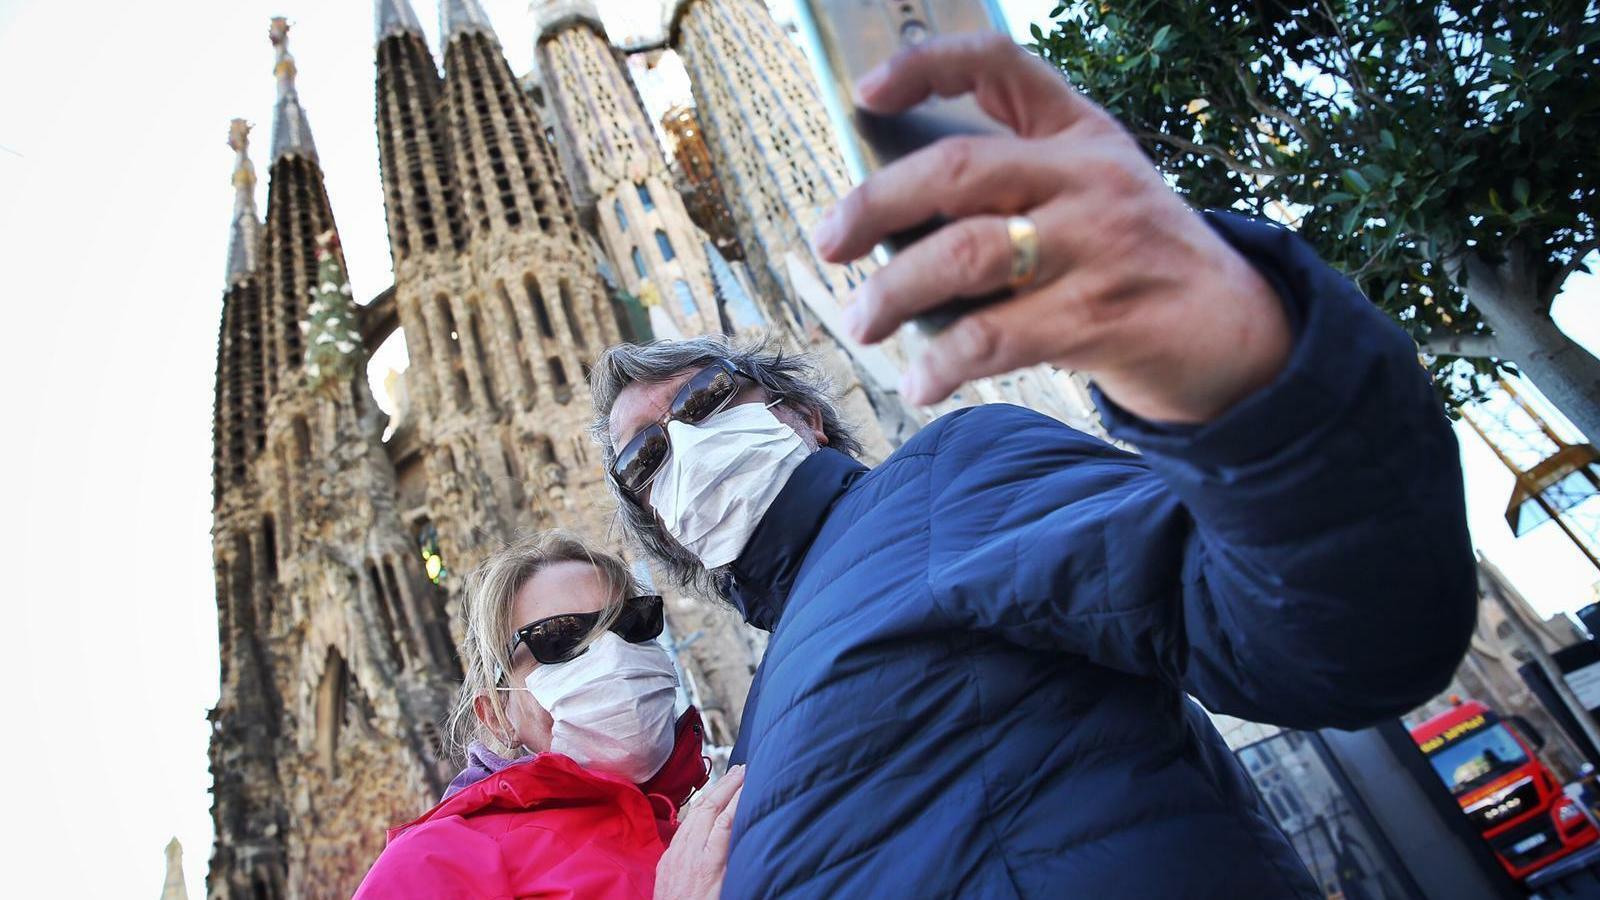 Un noi de 22 anys que havia viatjat a Milà és el segon cas de coronavirus a Catalunya